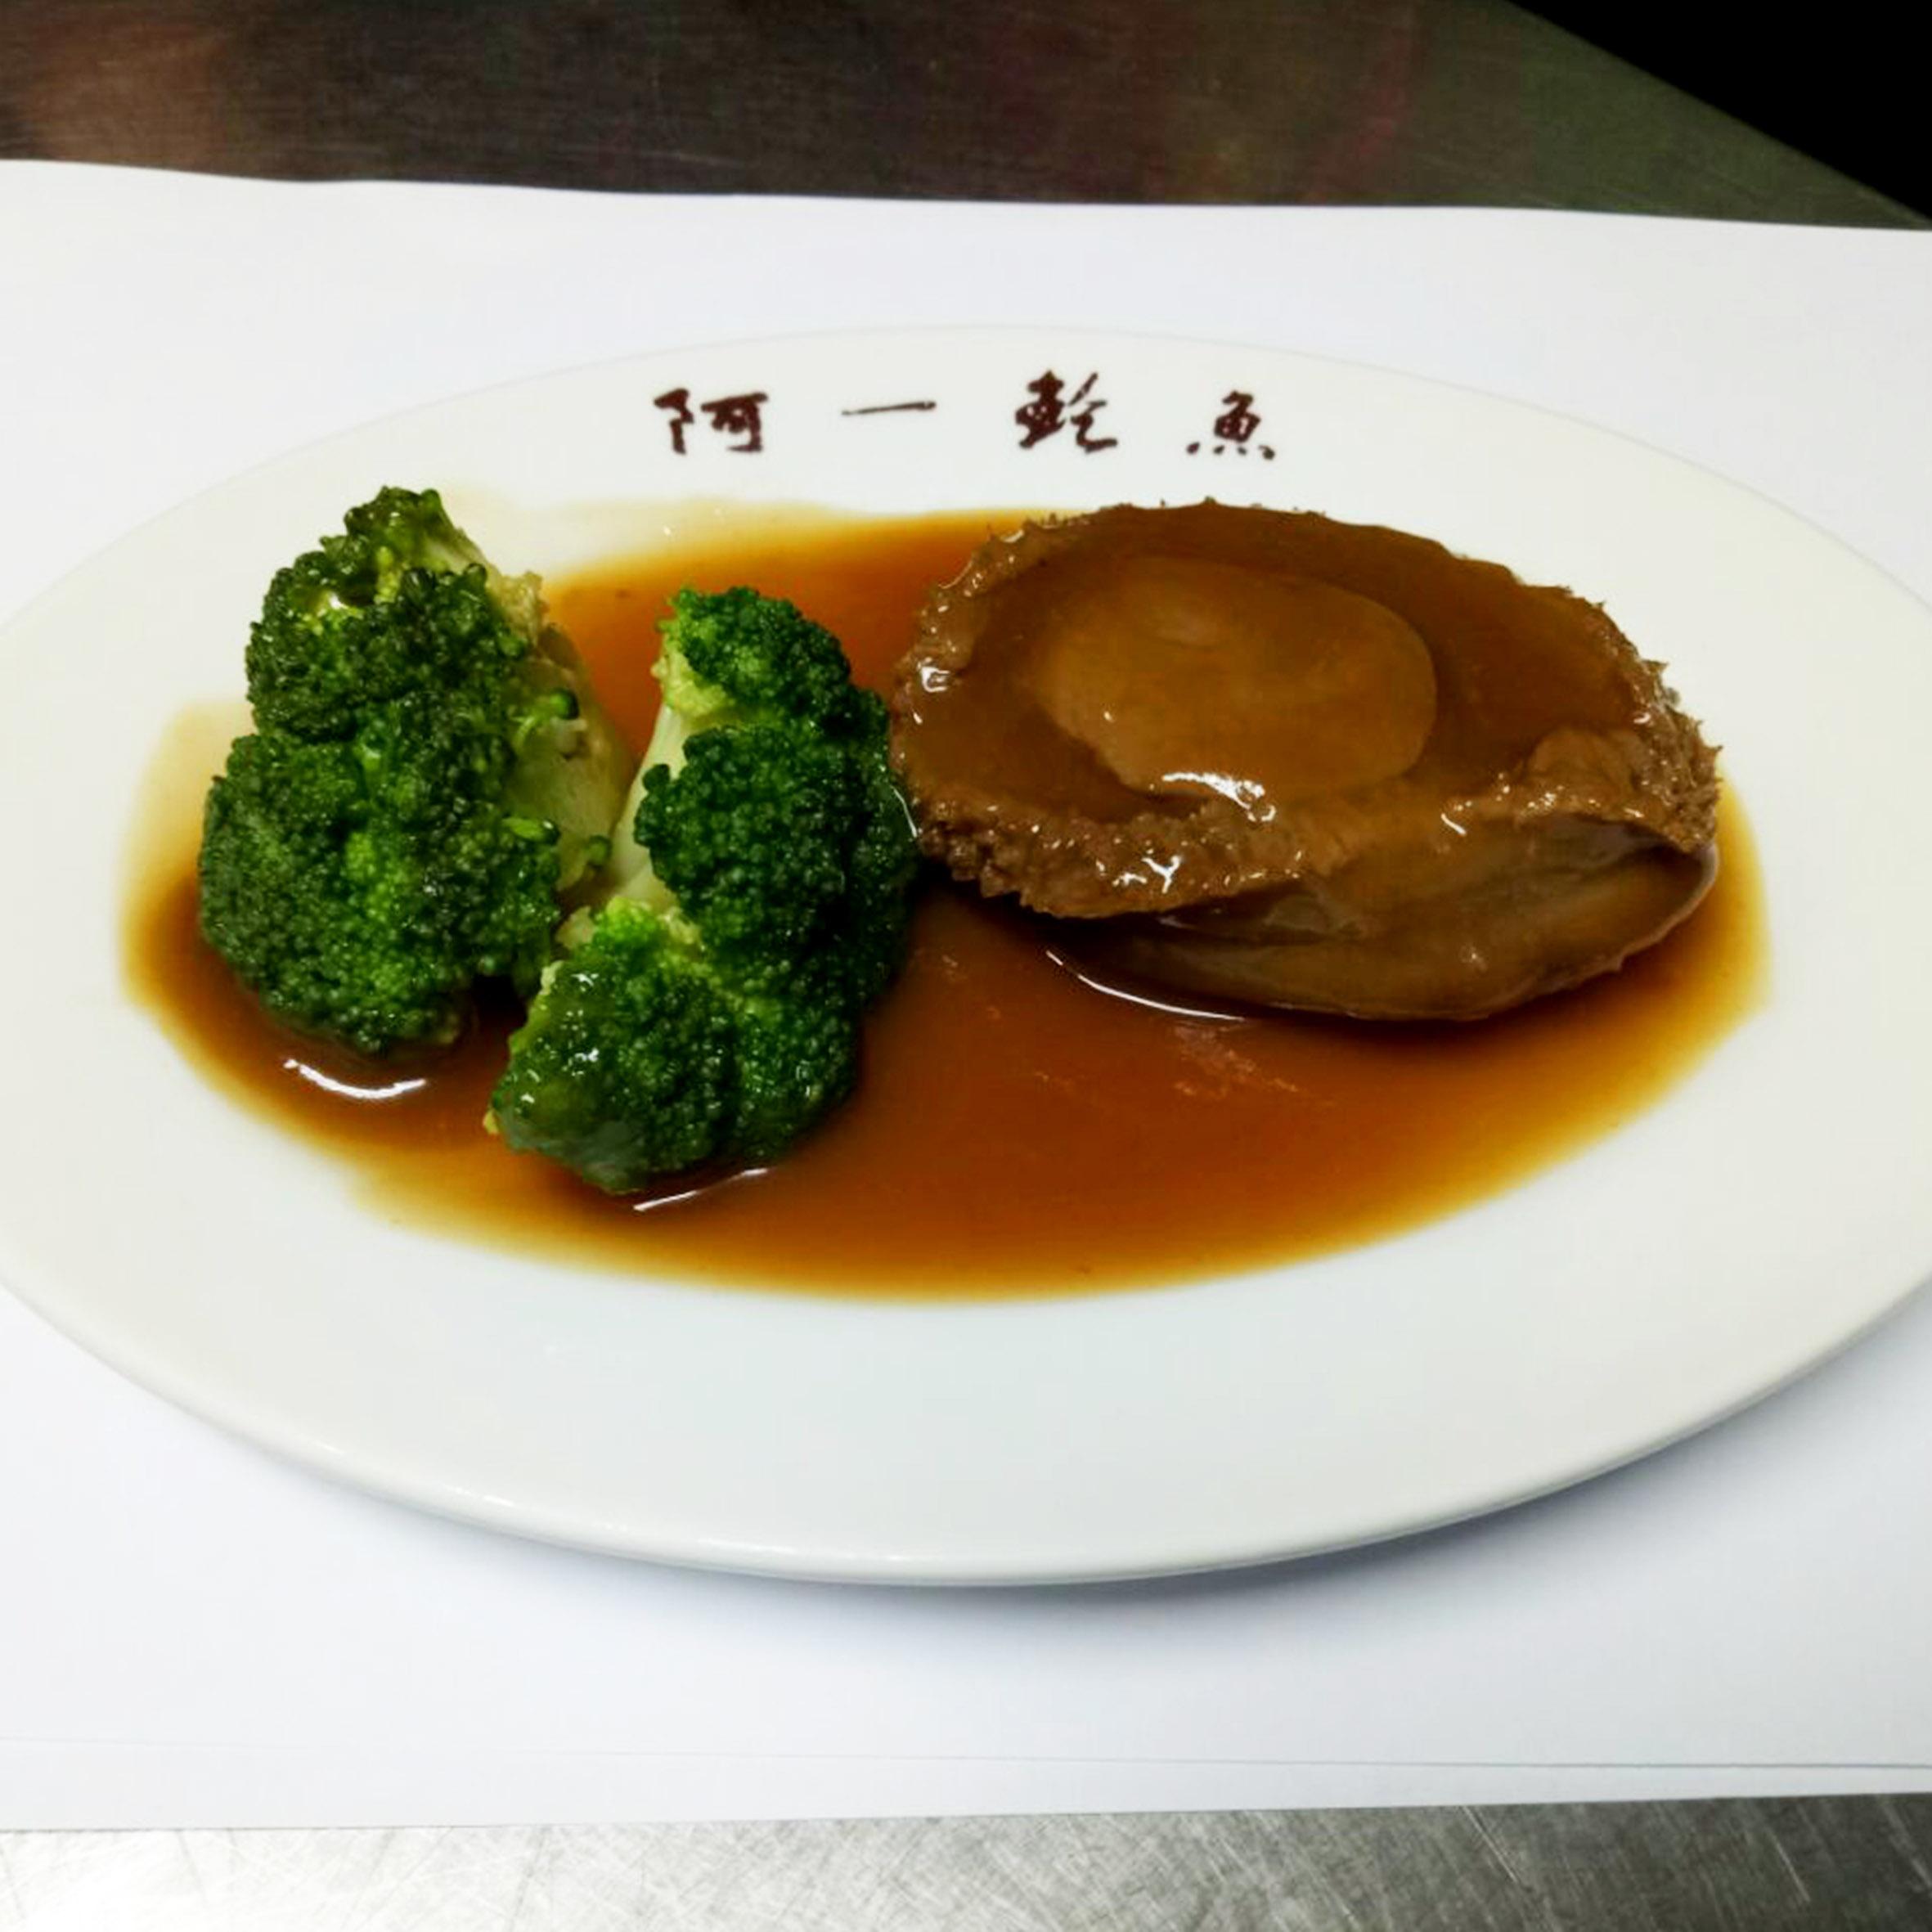 https://djyomrq3o2s3k.cloudfront.net/images/AHYATABALONEFORUMRESTAURANT_images_steak.jpg